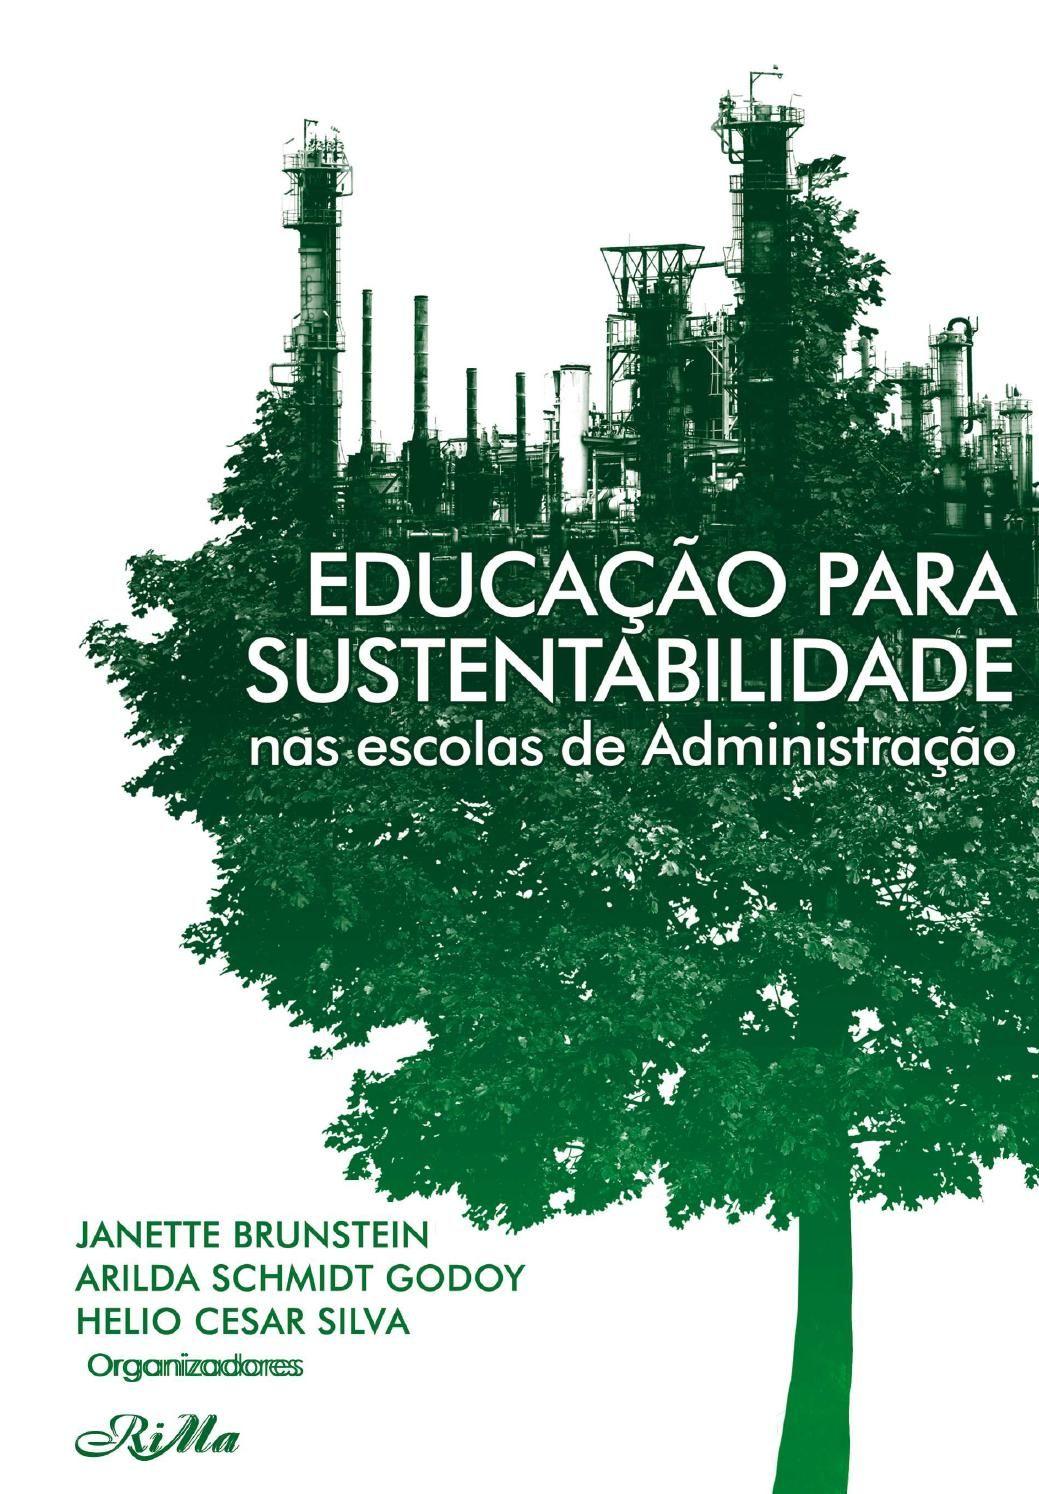 Educação para Sustentabilidade  Este livro pretende preencher esta lacuna, trazendo, em todos os seus capítulos, elementos que levarão os leitores a refletir a respeito da legitimação do tema da sustentabilidade no campo da administração.